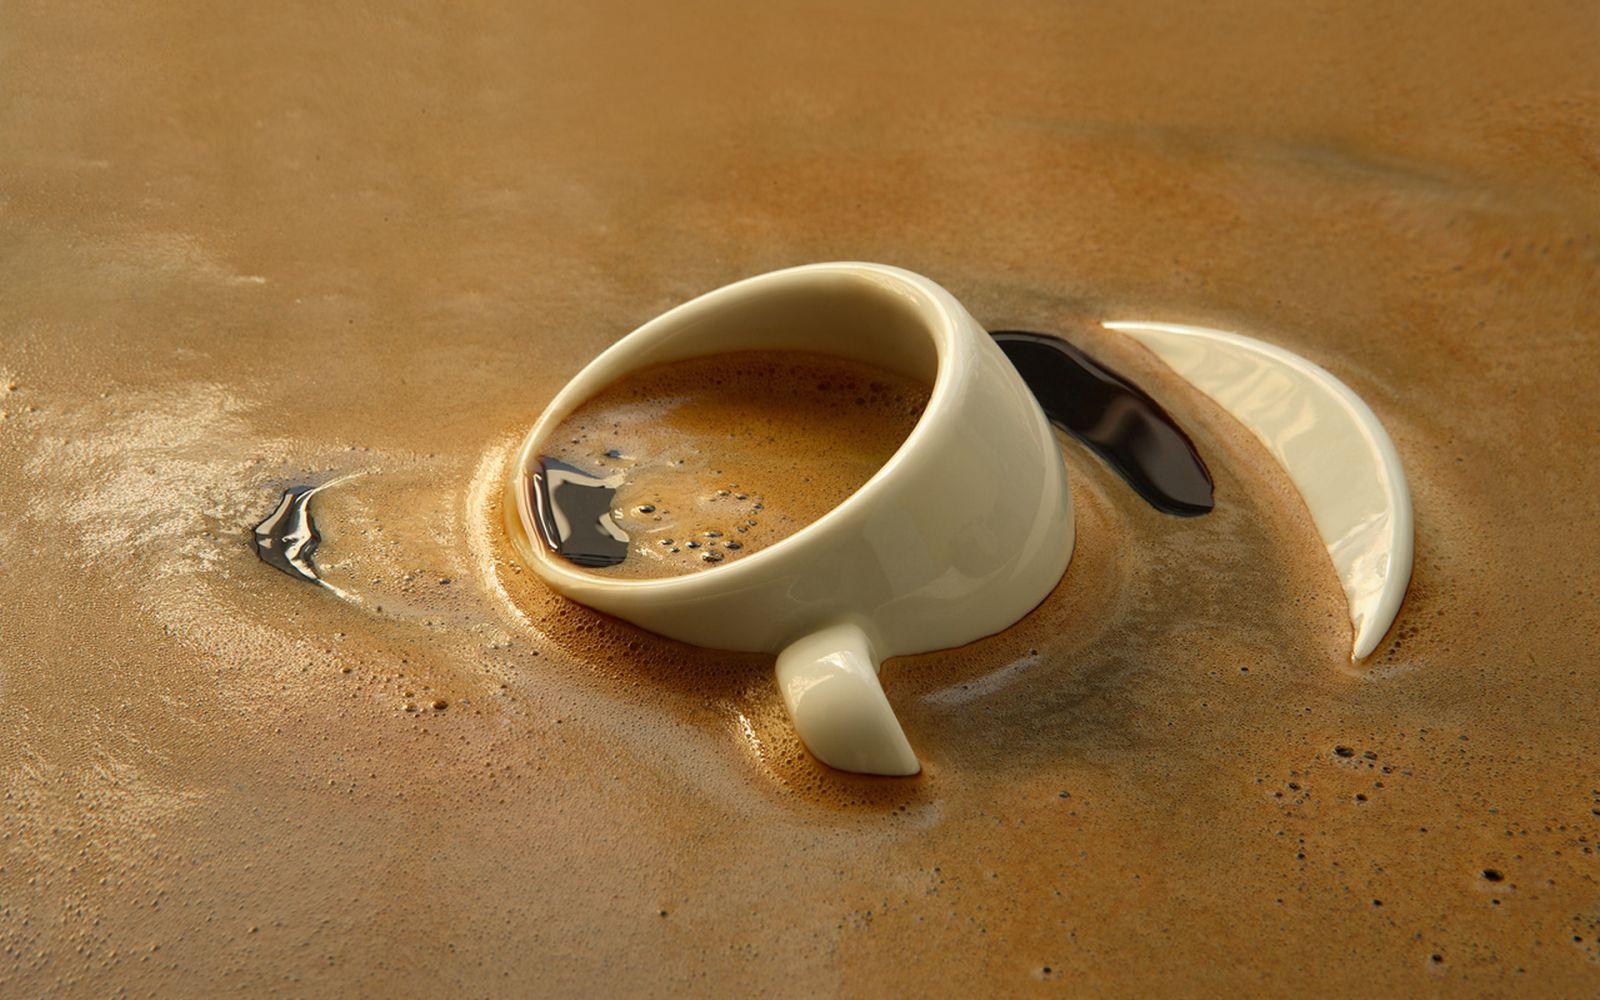 Итальянские ученые советуют пить кофе для предотвращения рака простаты